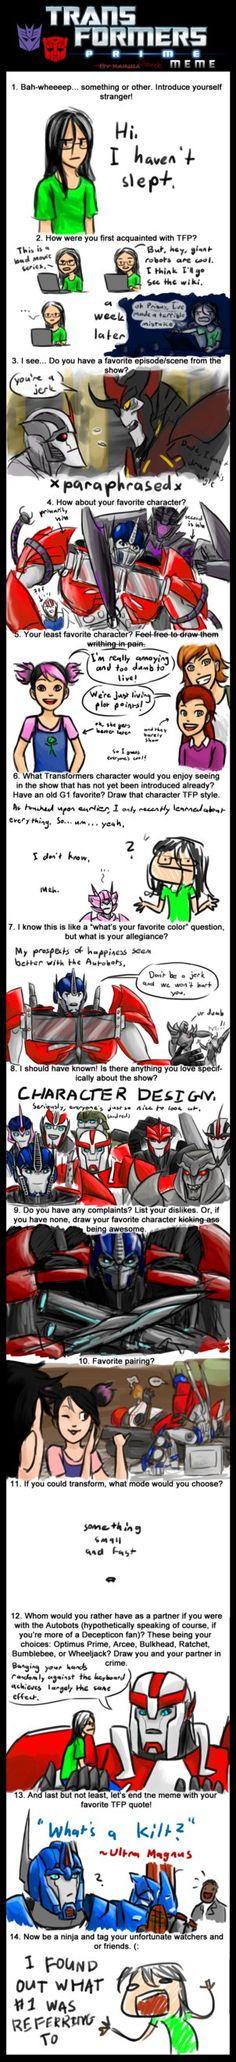 Transformers Prime Meme by BrookRiver.deviantart.com on @DeviantArt